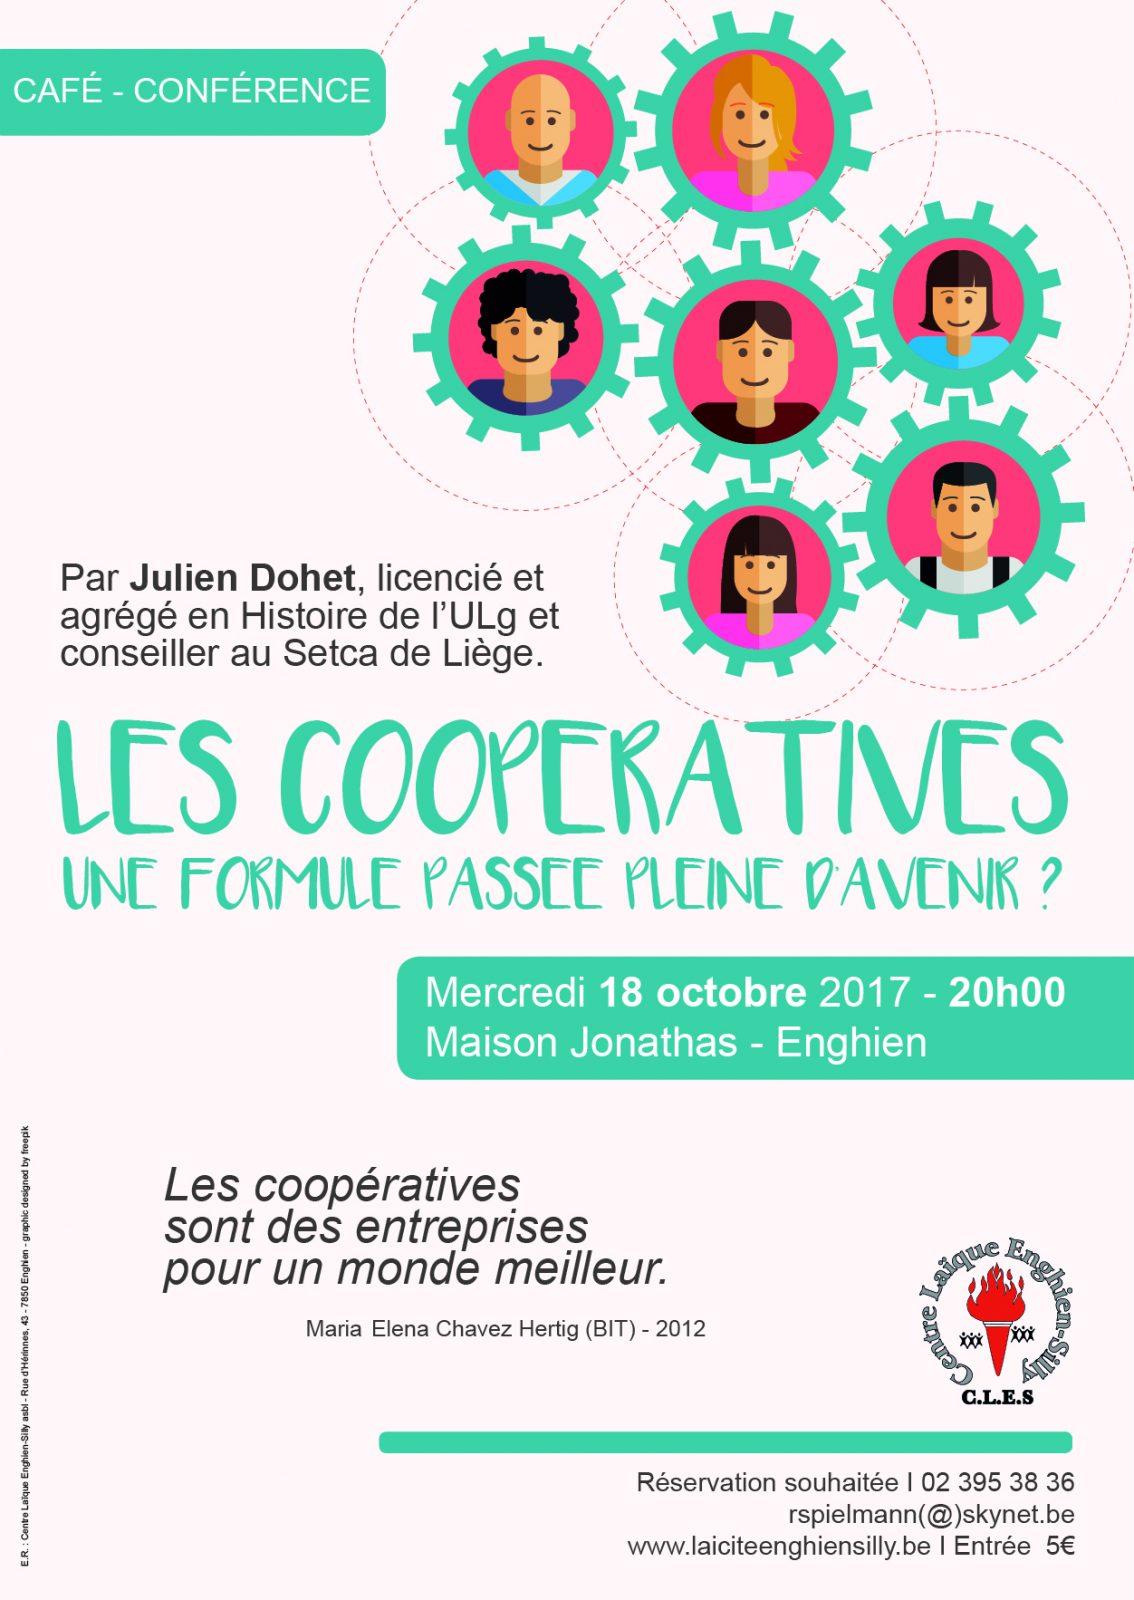 Laïcité Belgique - Centre Laïque Enghien-Silly - Coopératives